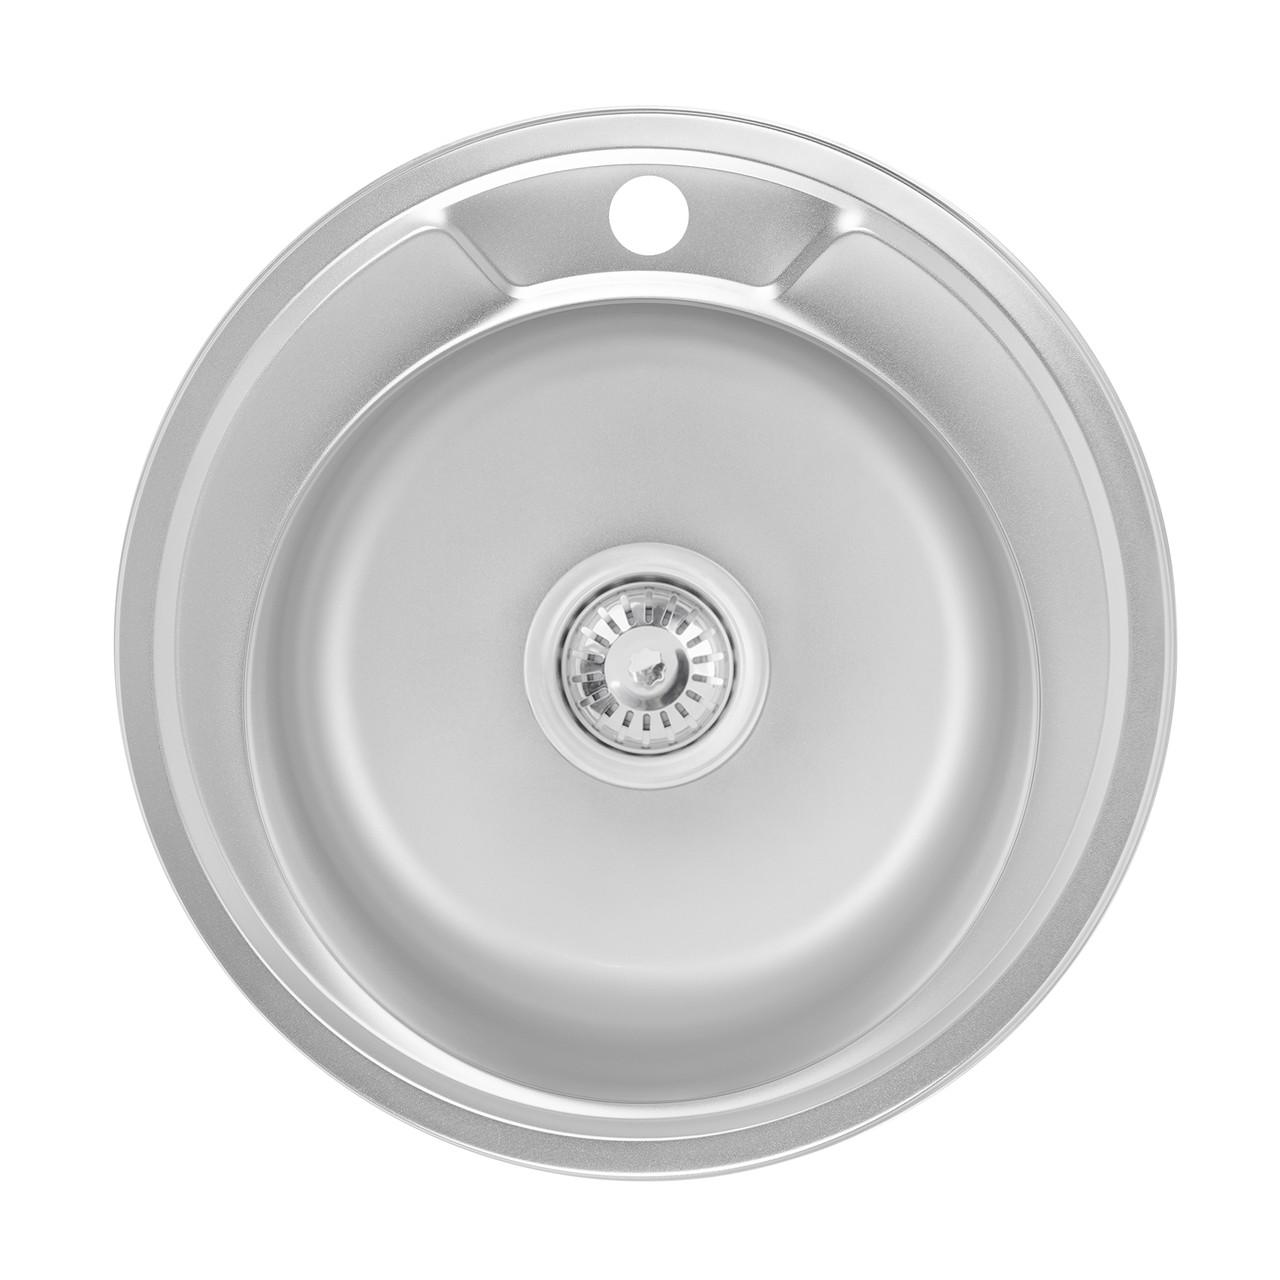 Кухонна мийка Lidz 490-A 0,6 мм Satin (LIDZ490A06SAT160)